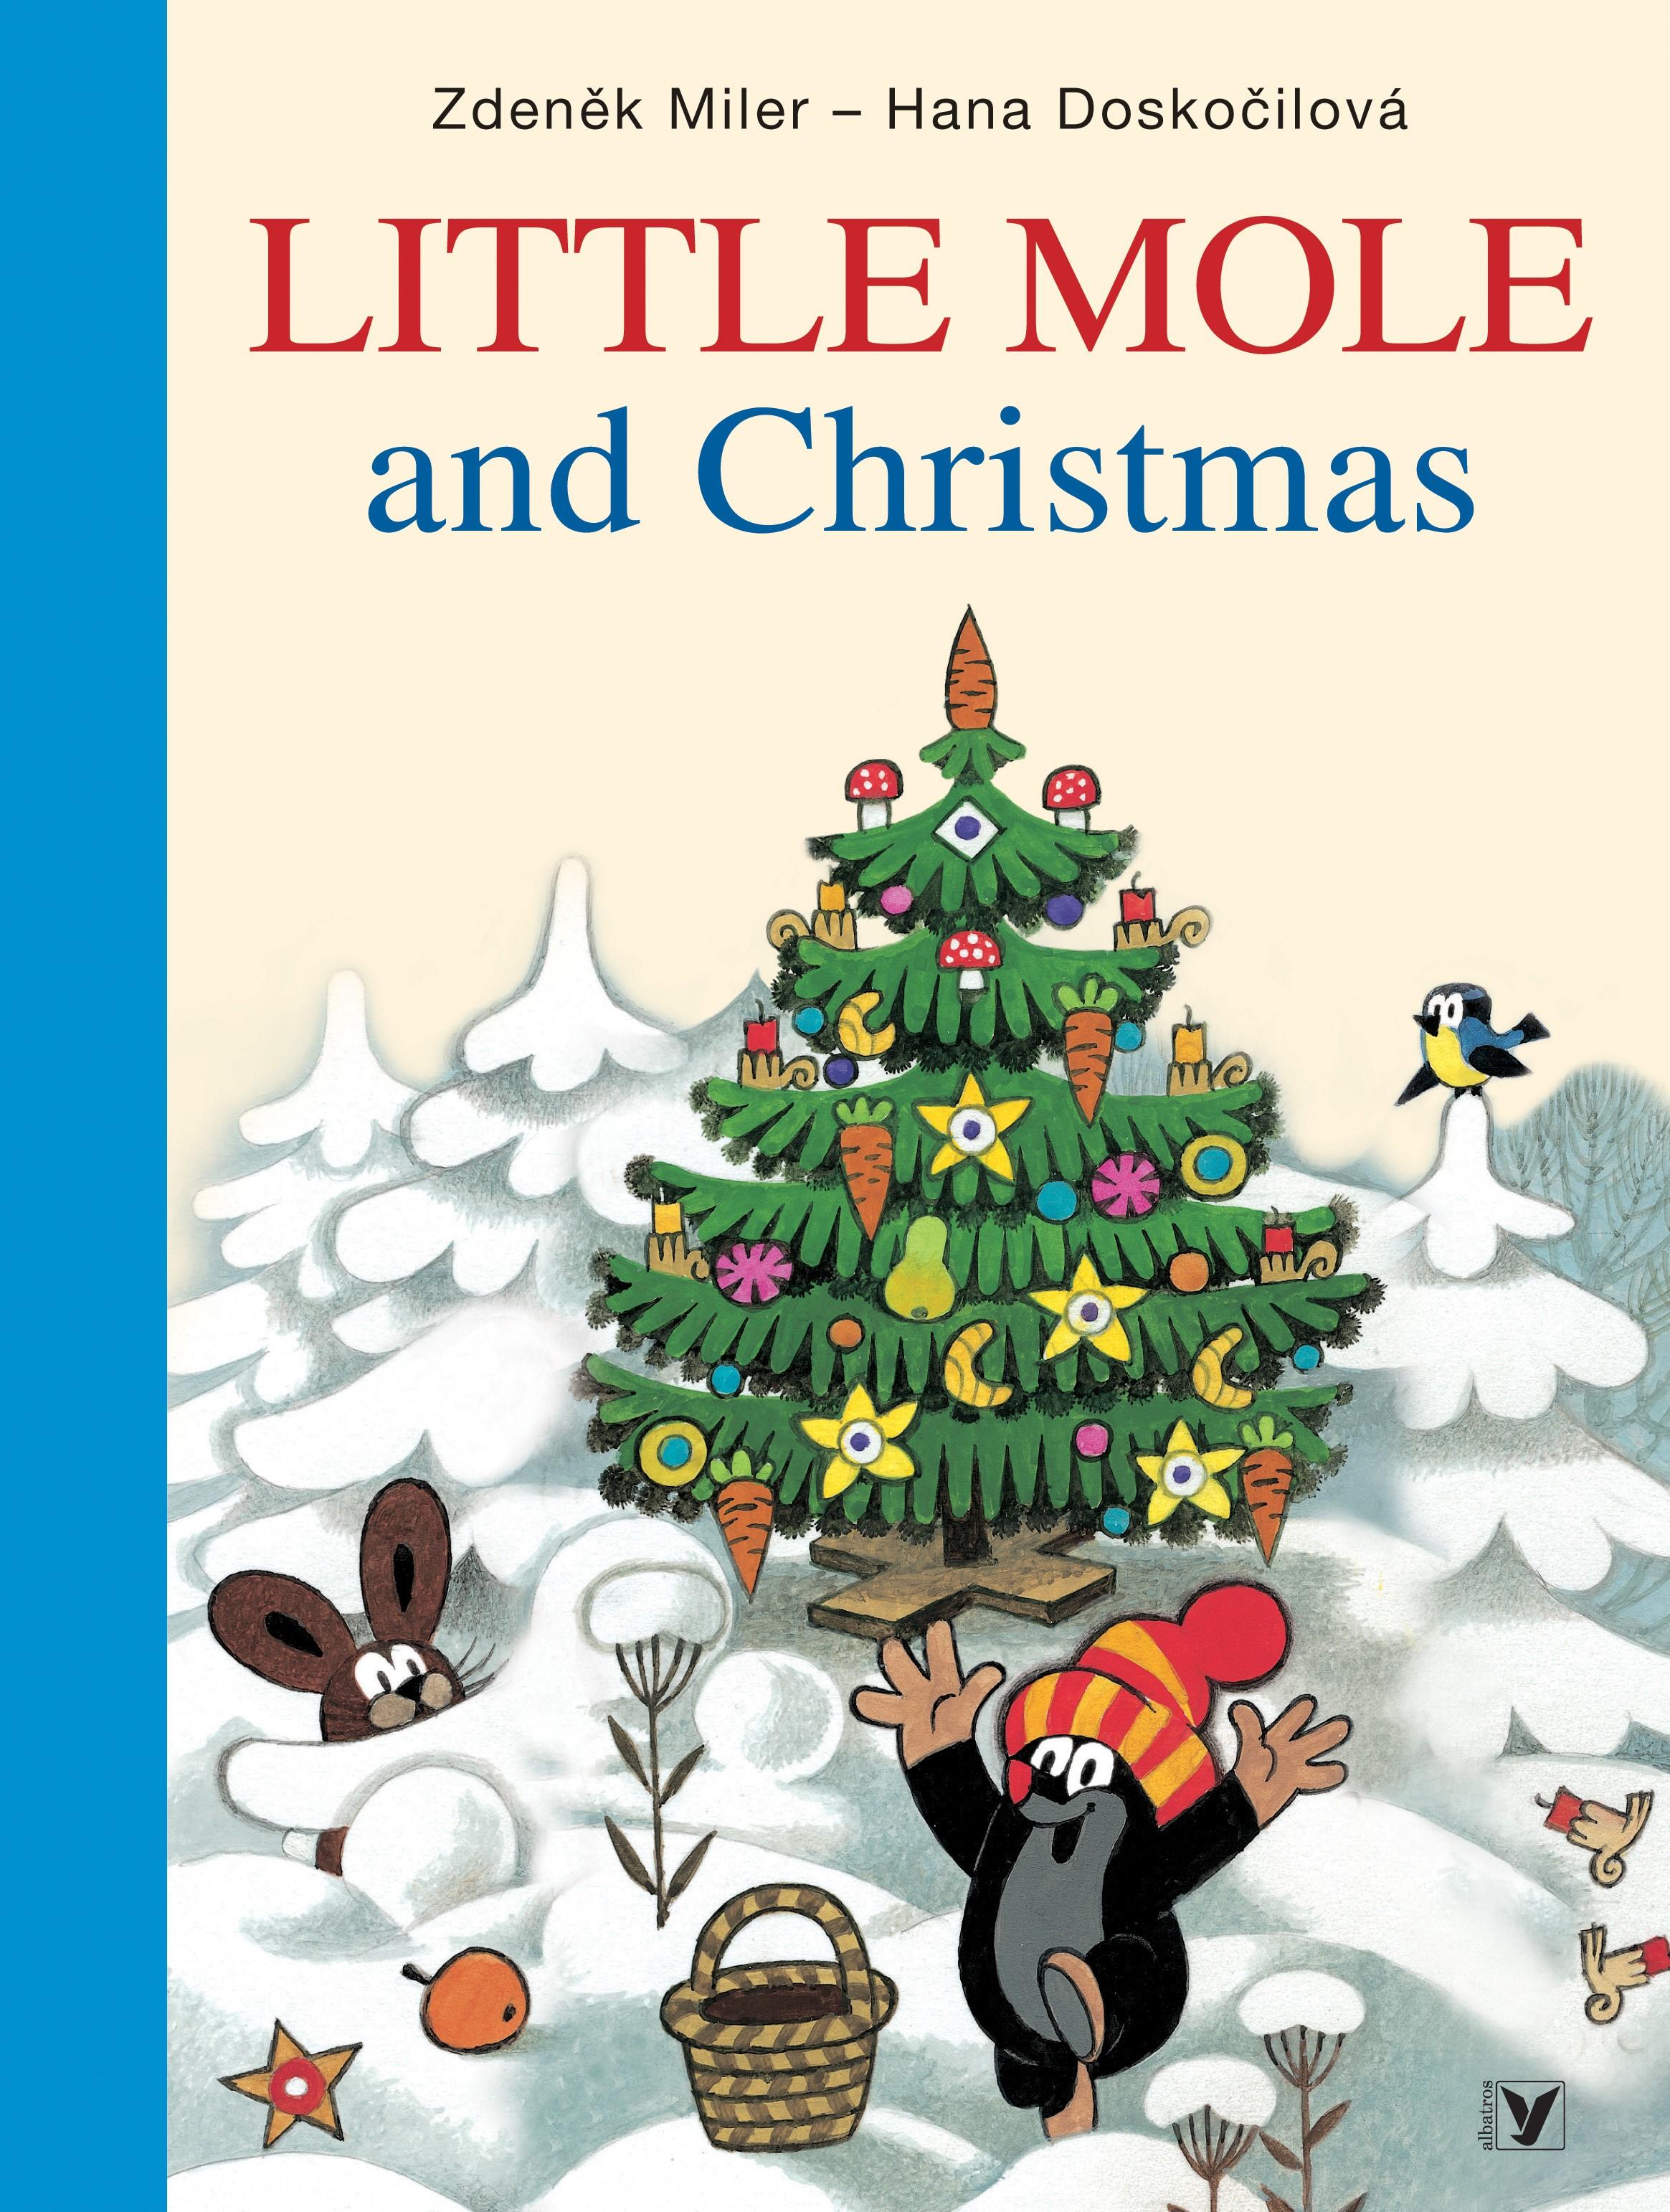 Little Mole and Christmas | Hana Doskočilová, Zdeněk Miler